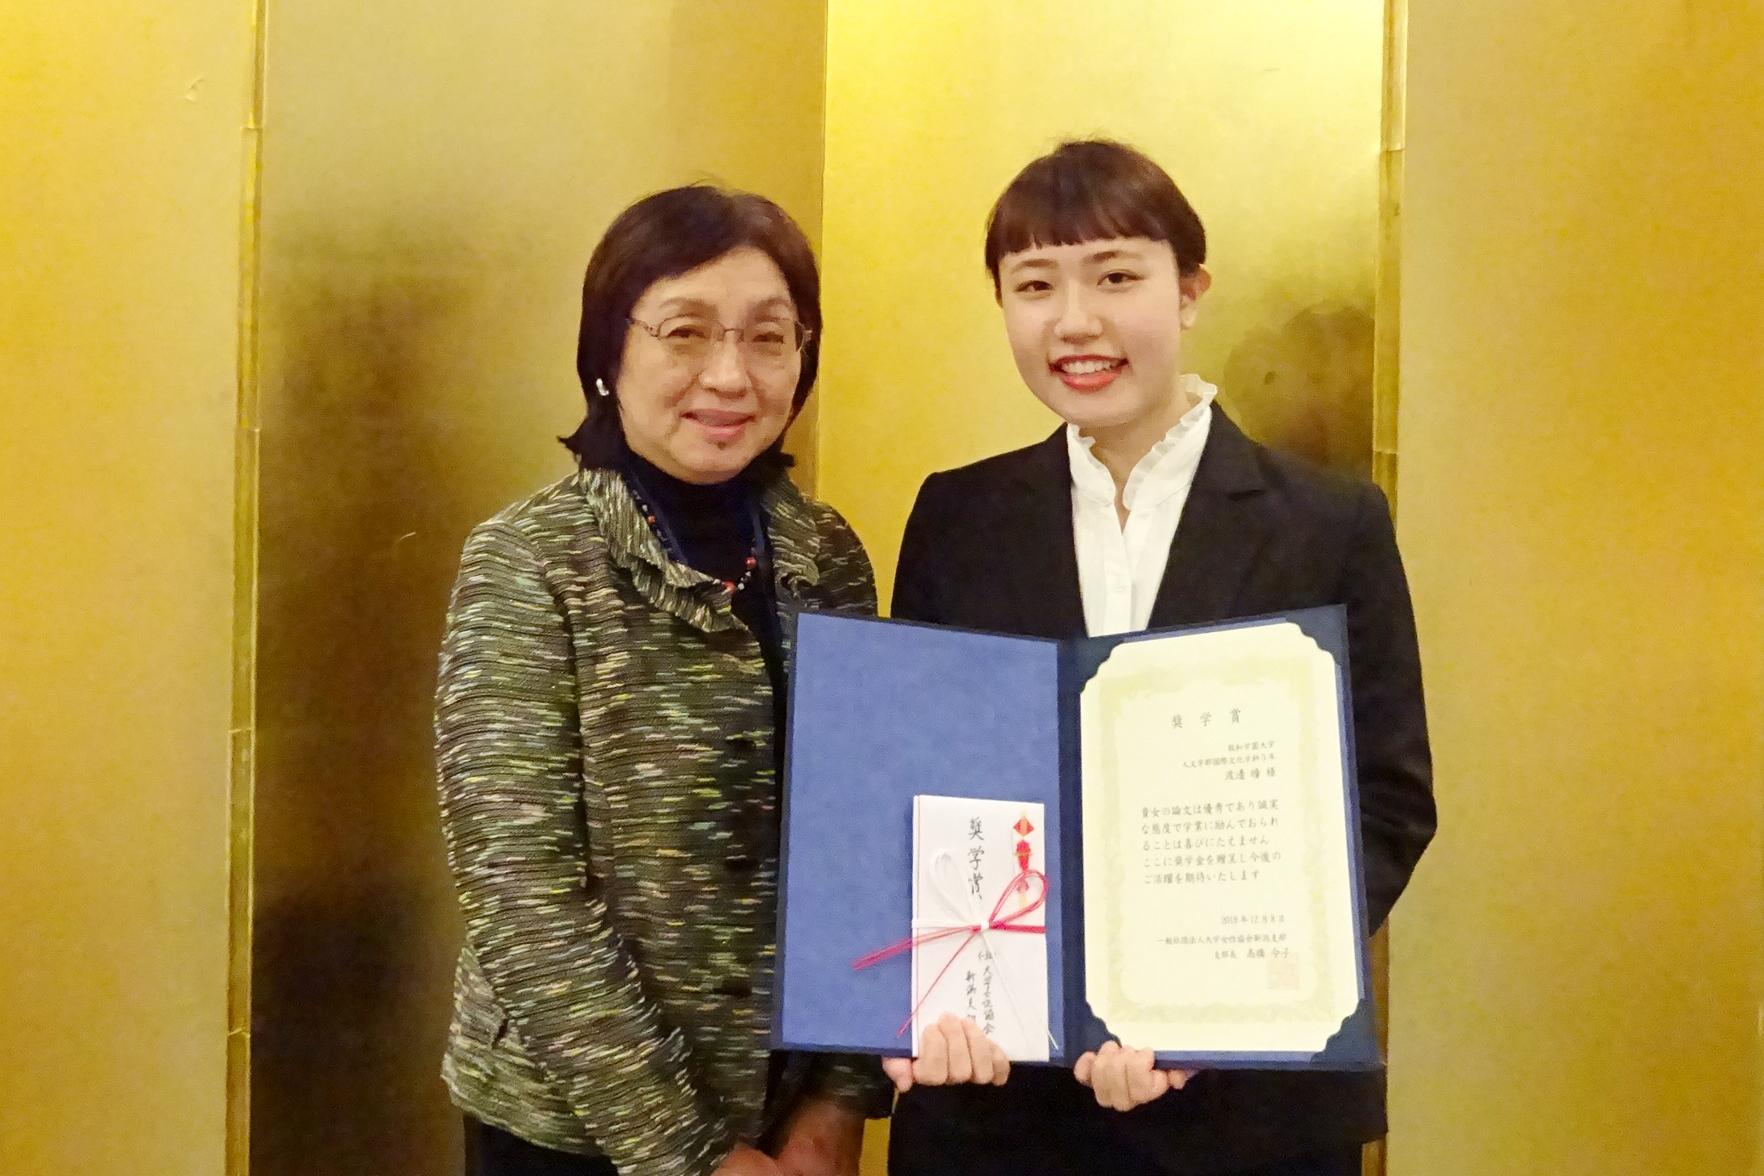 大学女性協会新潟支部の奨学賞を渡邉瞳さん(敬和学園大学)が受賞しました